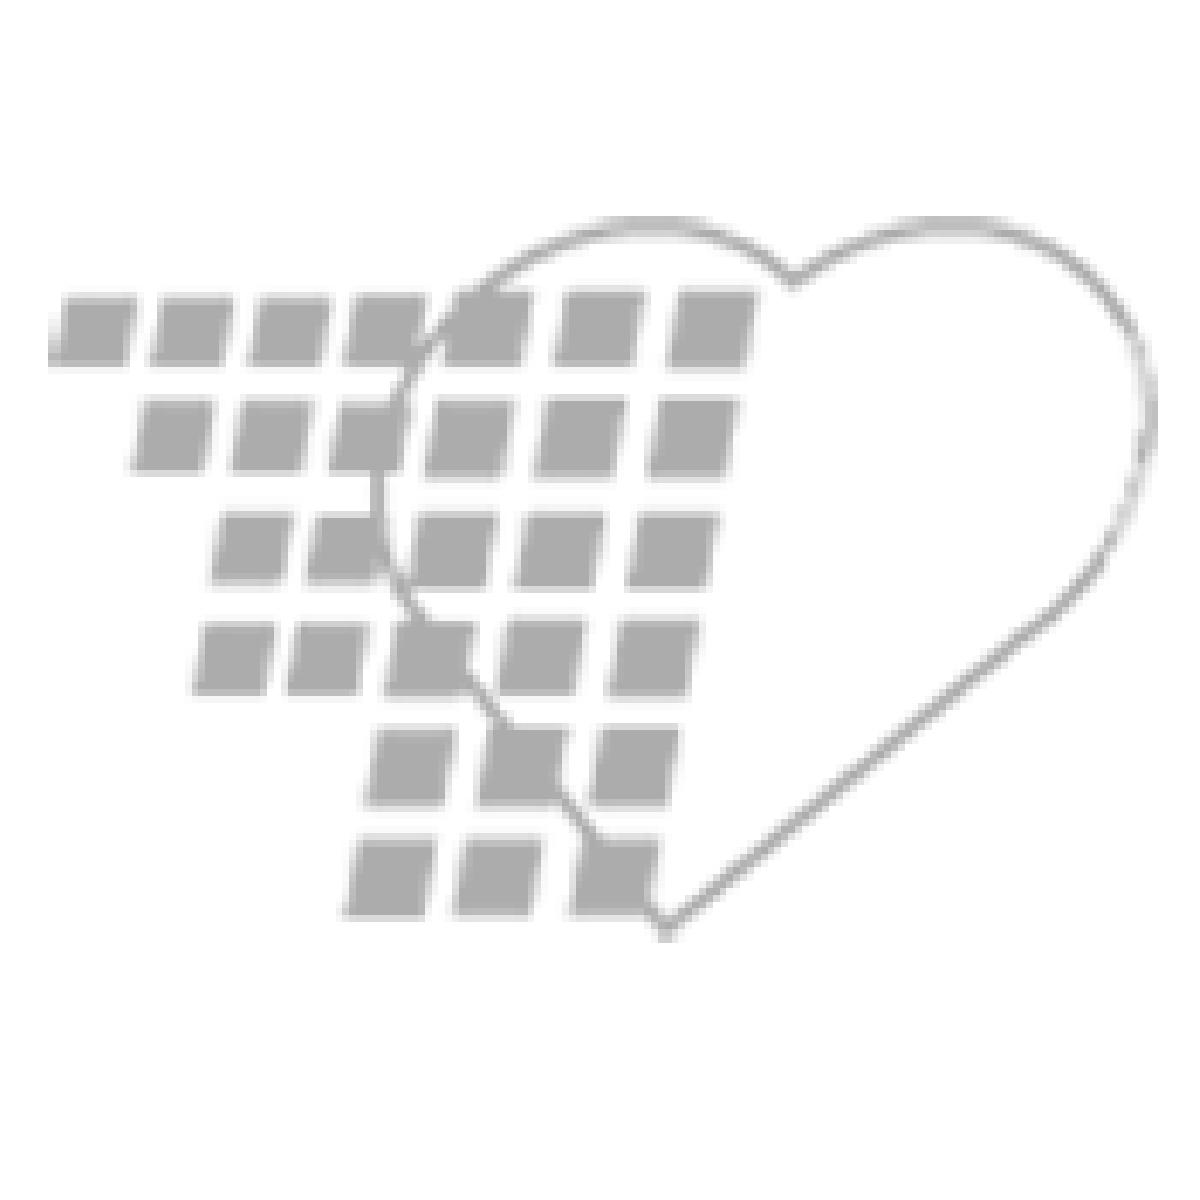 02-70-1504 - Welch Allyn Otoscope Insufflator Bulb with Tip